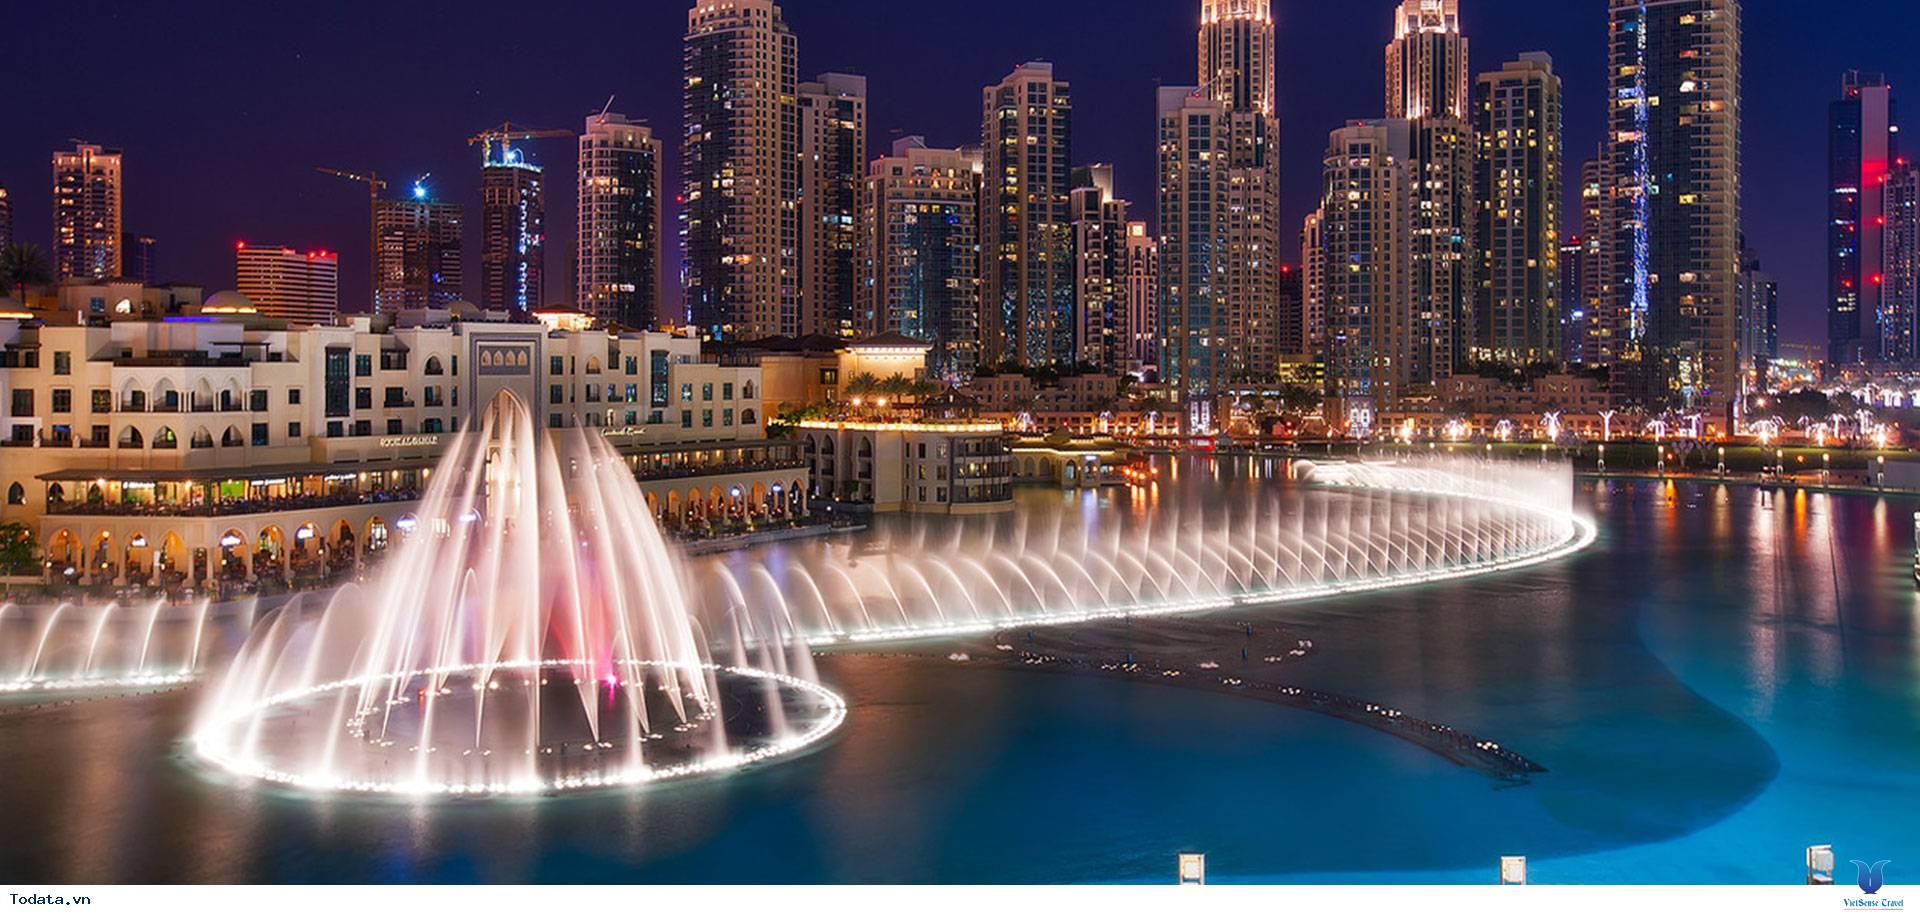 Mãn Nhãn Với Đài Phun Nước Lớn Nhất Thế Giới Ở Dubai - Ảnh 4